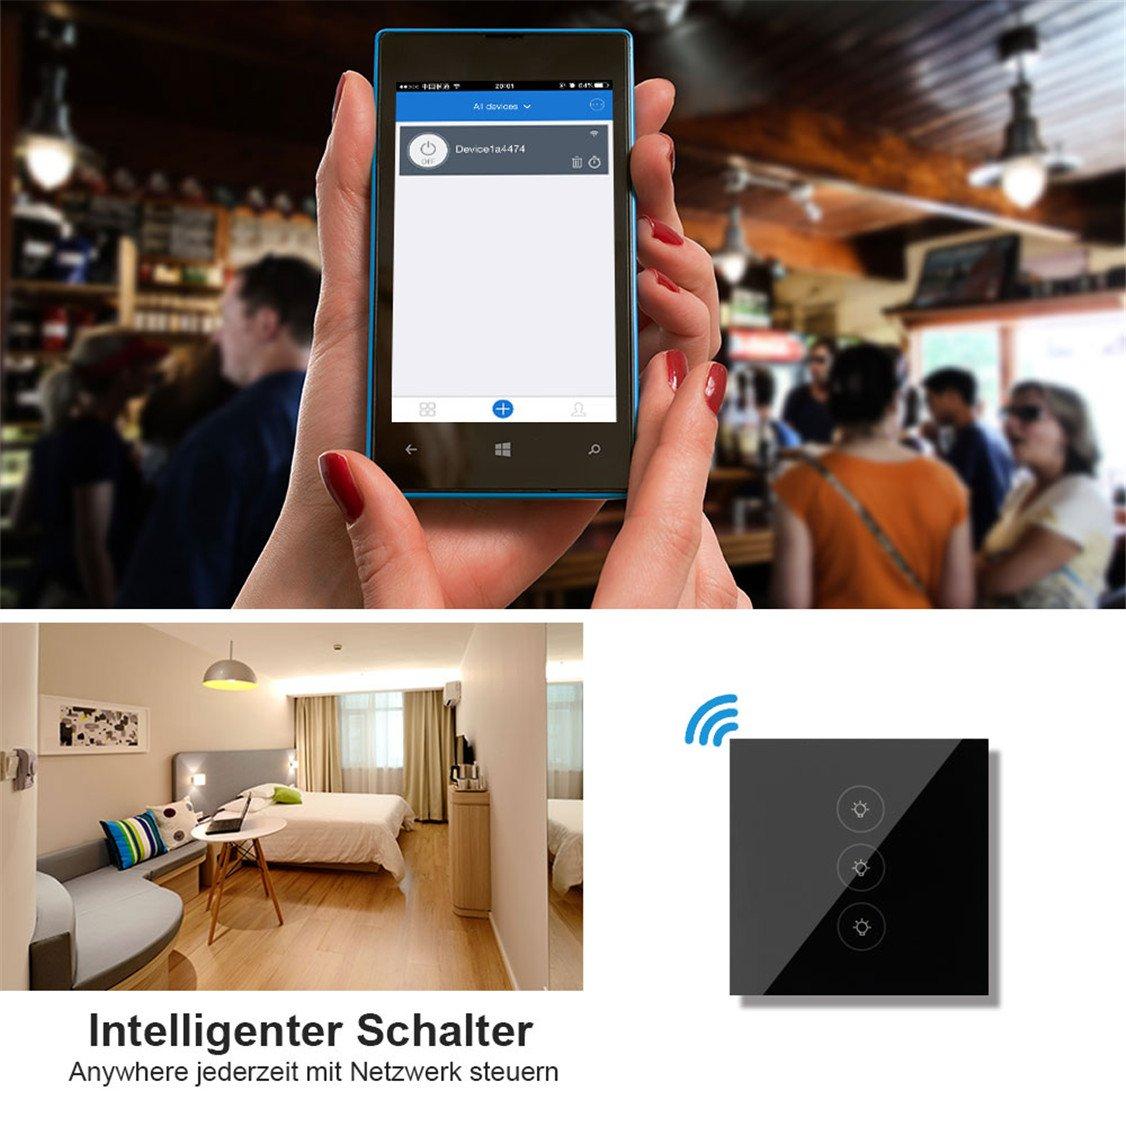 Wlan Lichtschalter,Smart Home Wifi Wireless Lichtschalter Touch Glas ...